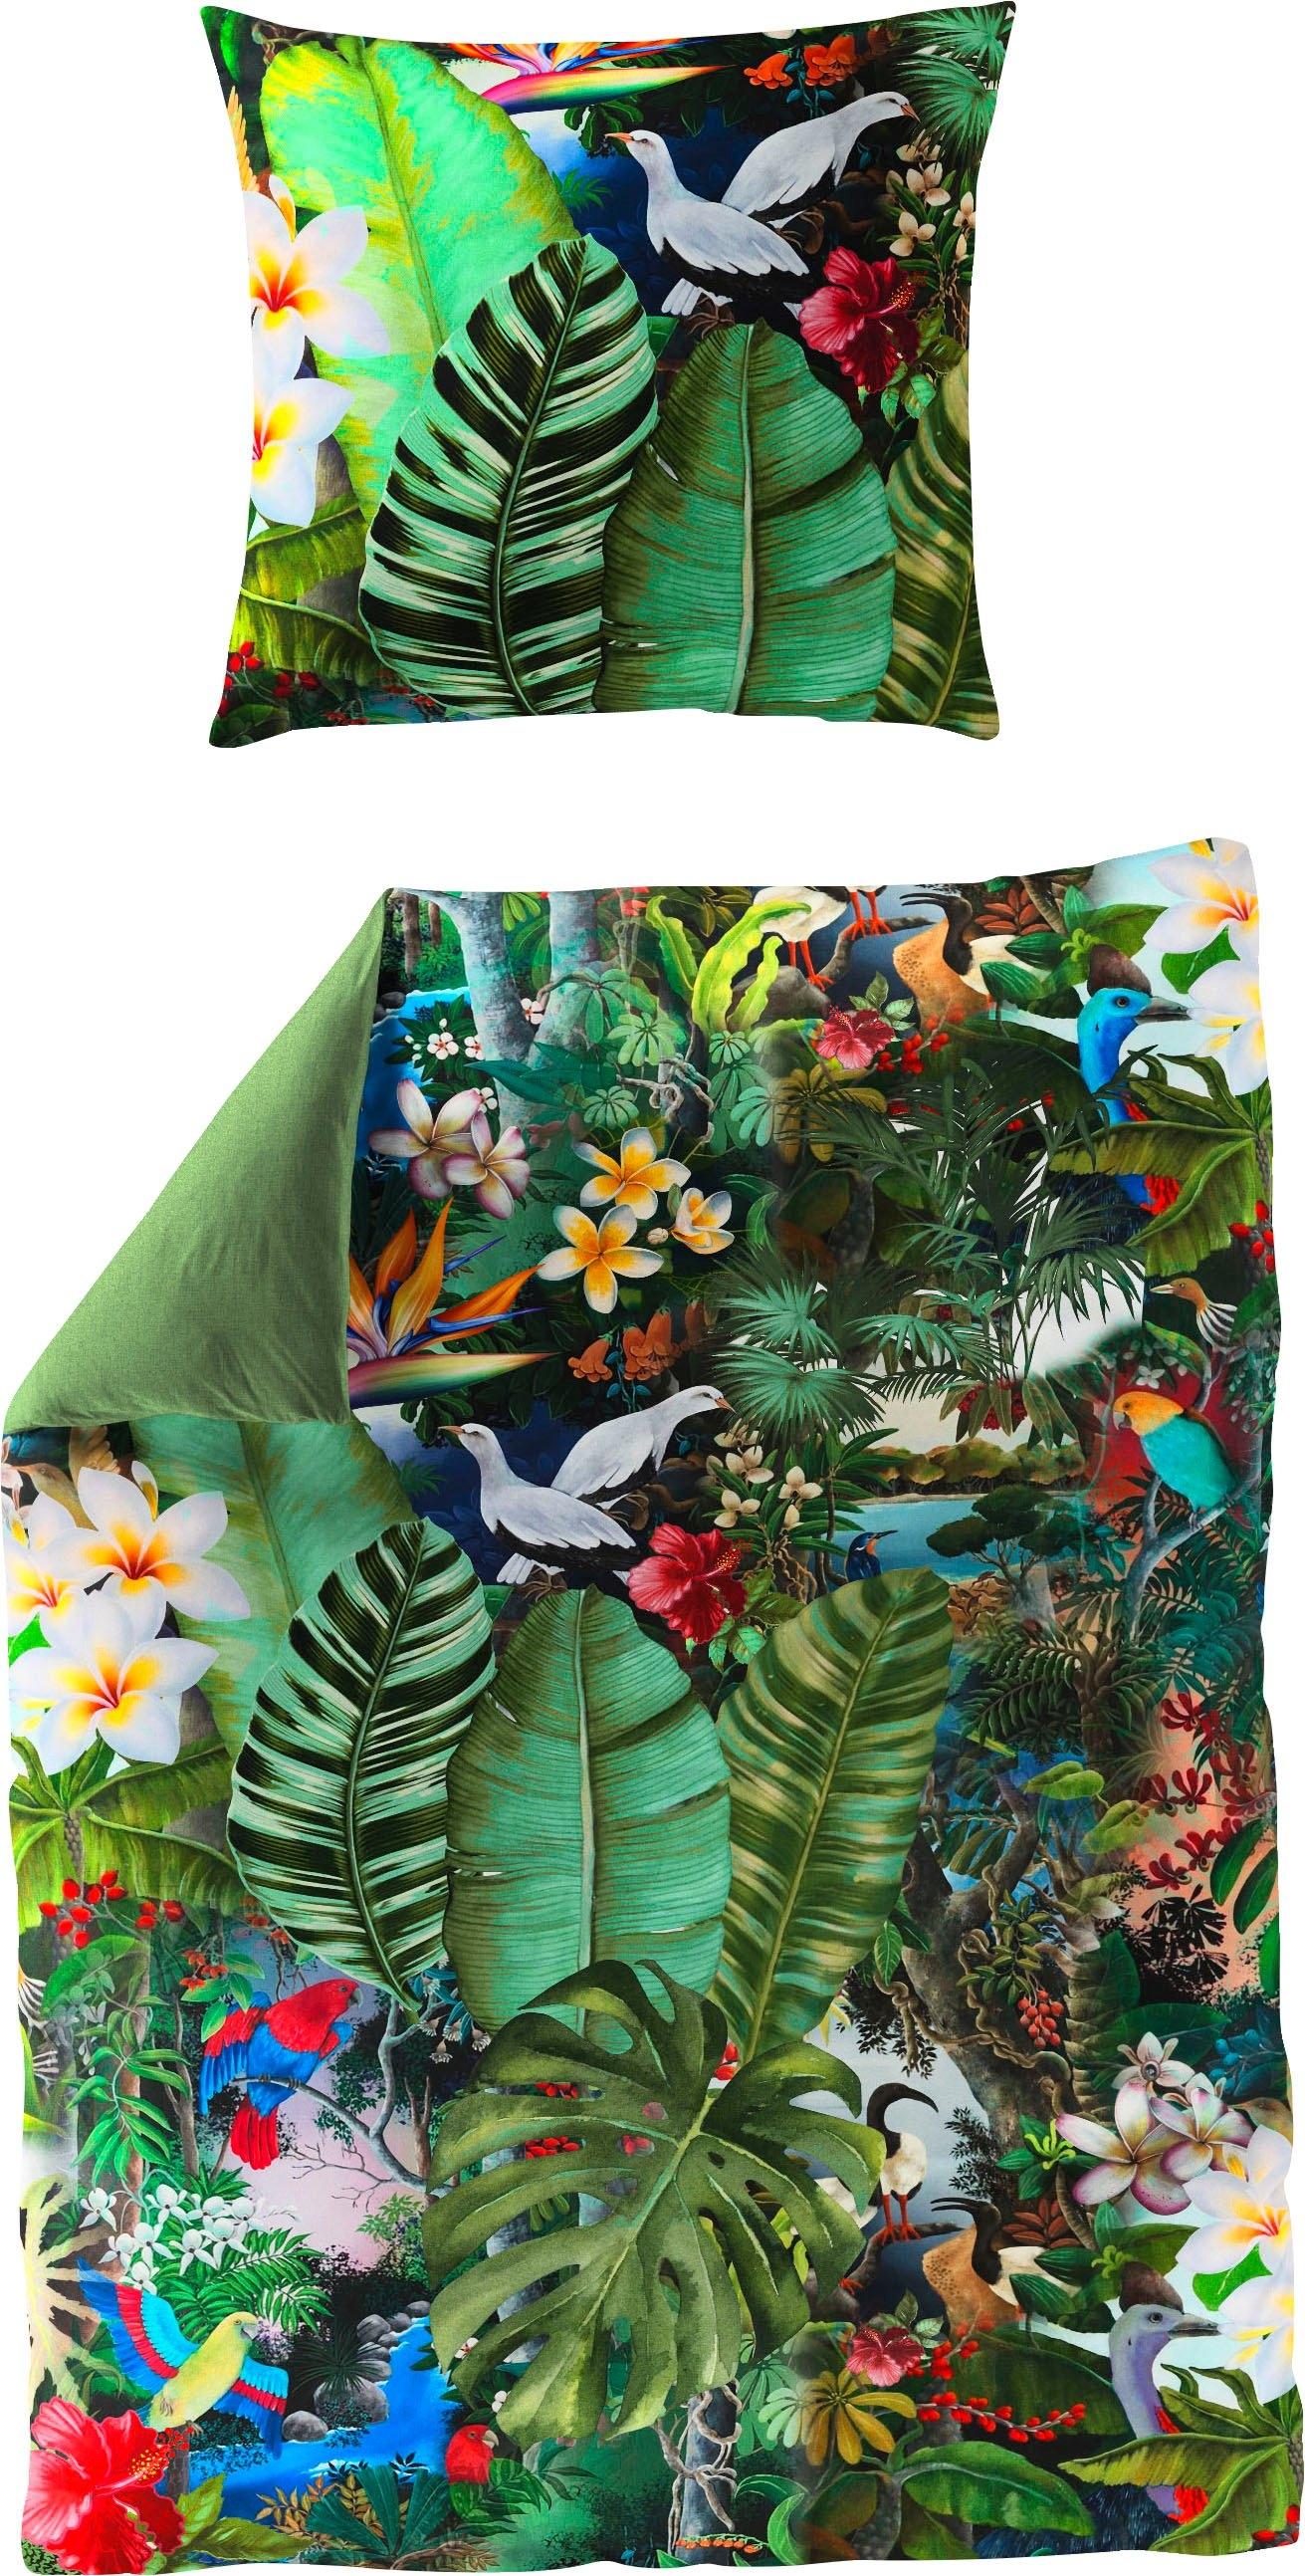 BIERBAUM tweezijdig te gebruiken overtrekset Tropical met bladeren (2-delig) voordelig en veilig online kopen